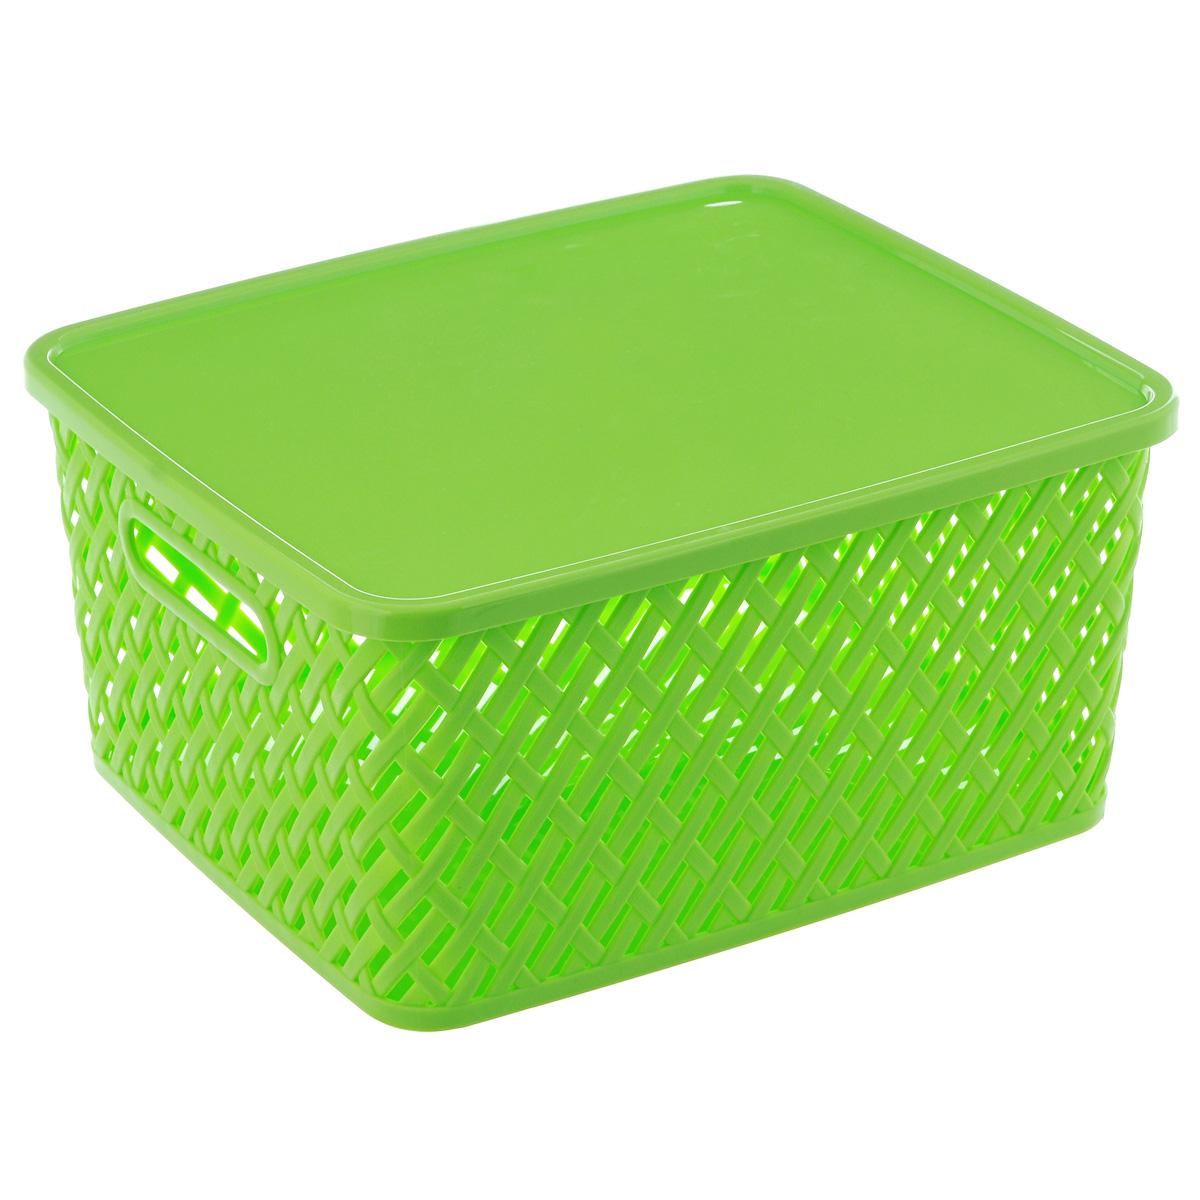 Корзина Альтернатива Плетенка, с крышкой, цвет: салатовый, 35 см х 29 см х 17,5 смМ3556Корзина Альтернатива Плетенка выполнена из прочного пластика. Она предназначена для хранения различных бытовых вещей и продуктов. Корзина имеет крышку, которая легко открывается и плотно закрывается. Стенки корзины имитированы под плетение, за счет этого обеспечивается естественная вентиляция. Корзина поможет хранить все в одном месте, а также его можно использовать как и для пикника.